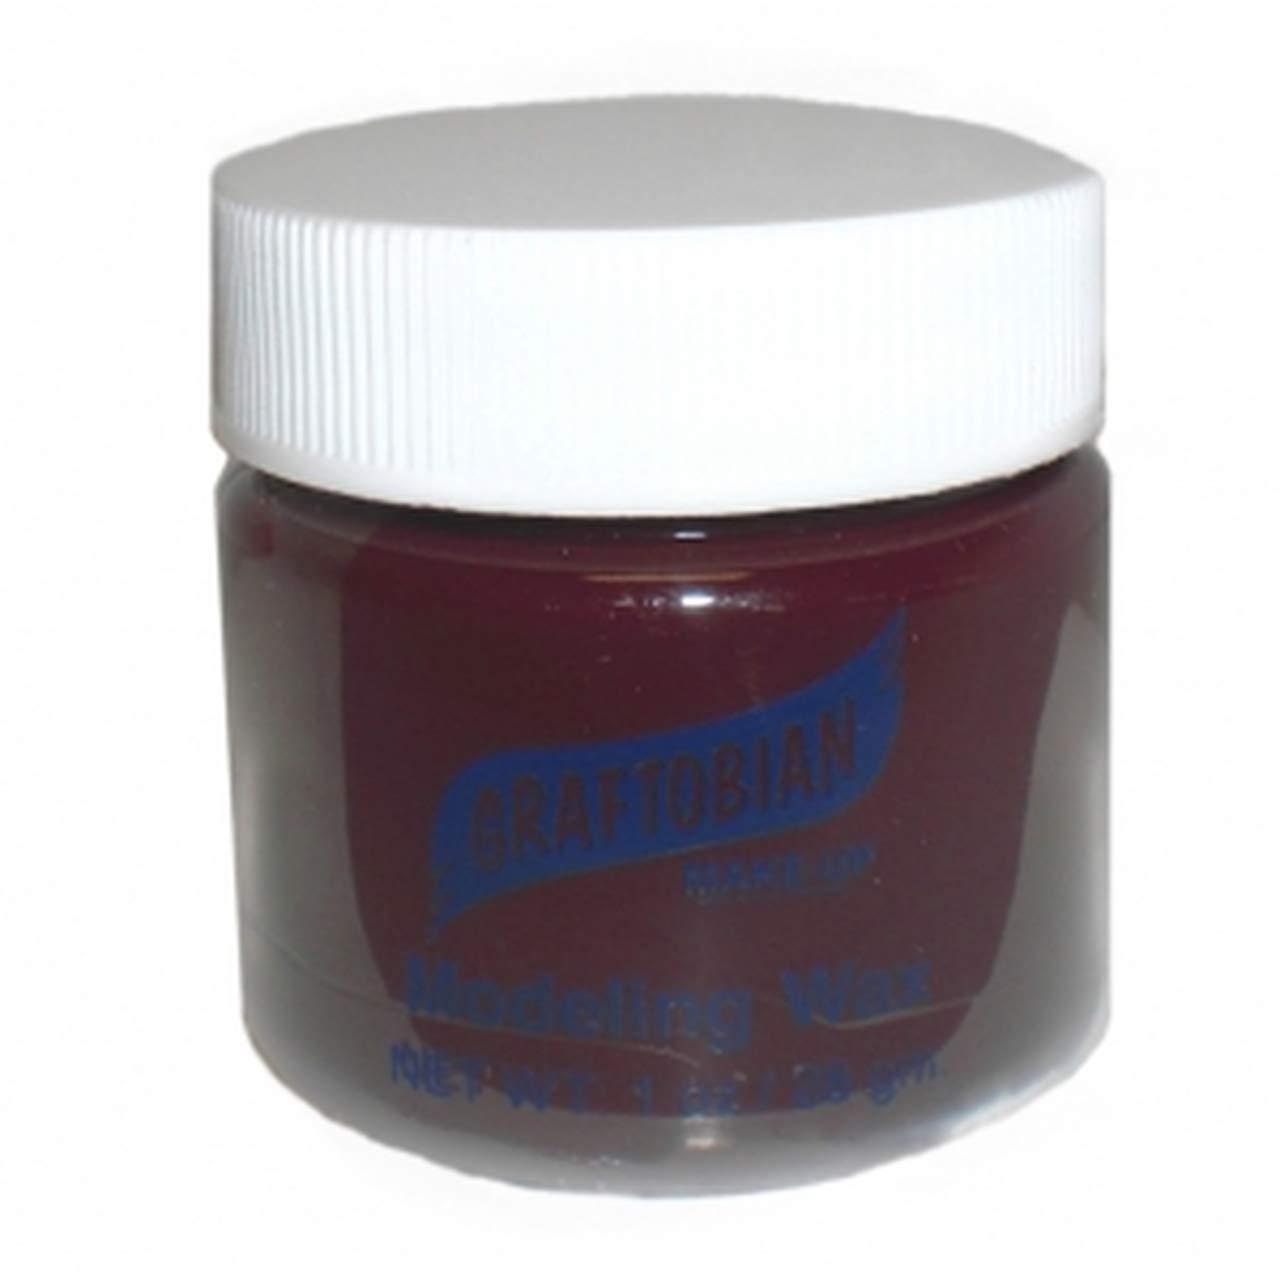 Modeling Wax- 1 oz Jars (Blood Color)